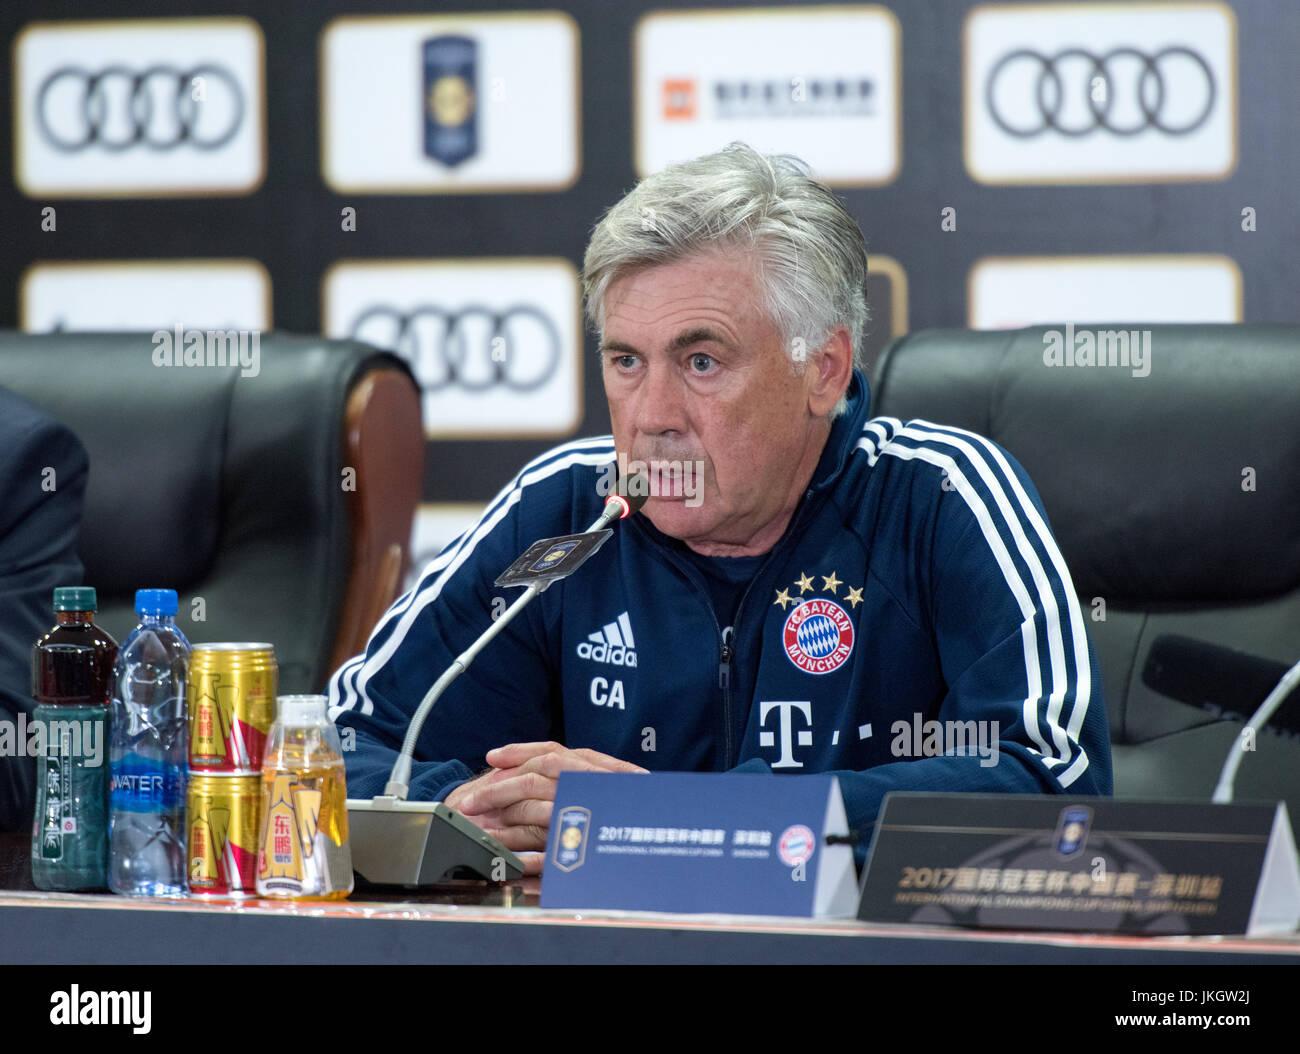 SHENZHEN, CHINA - JULY 22: FC Bayern Munich coach Carlo Ancelotti speaks at the post match press conference- Bayern - Stock Image